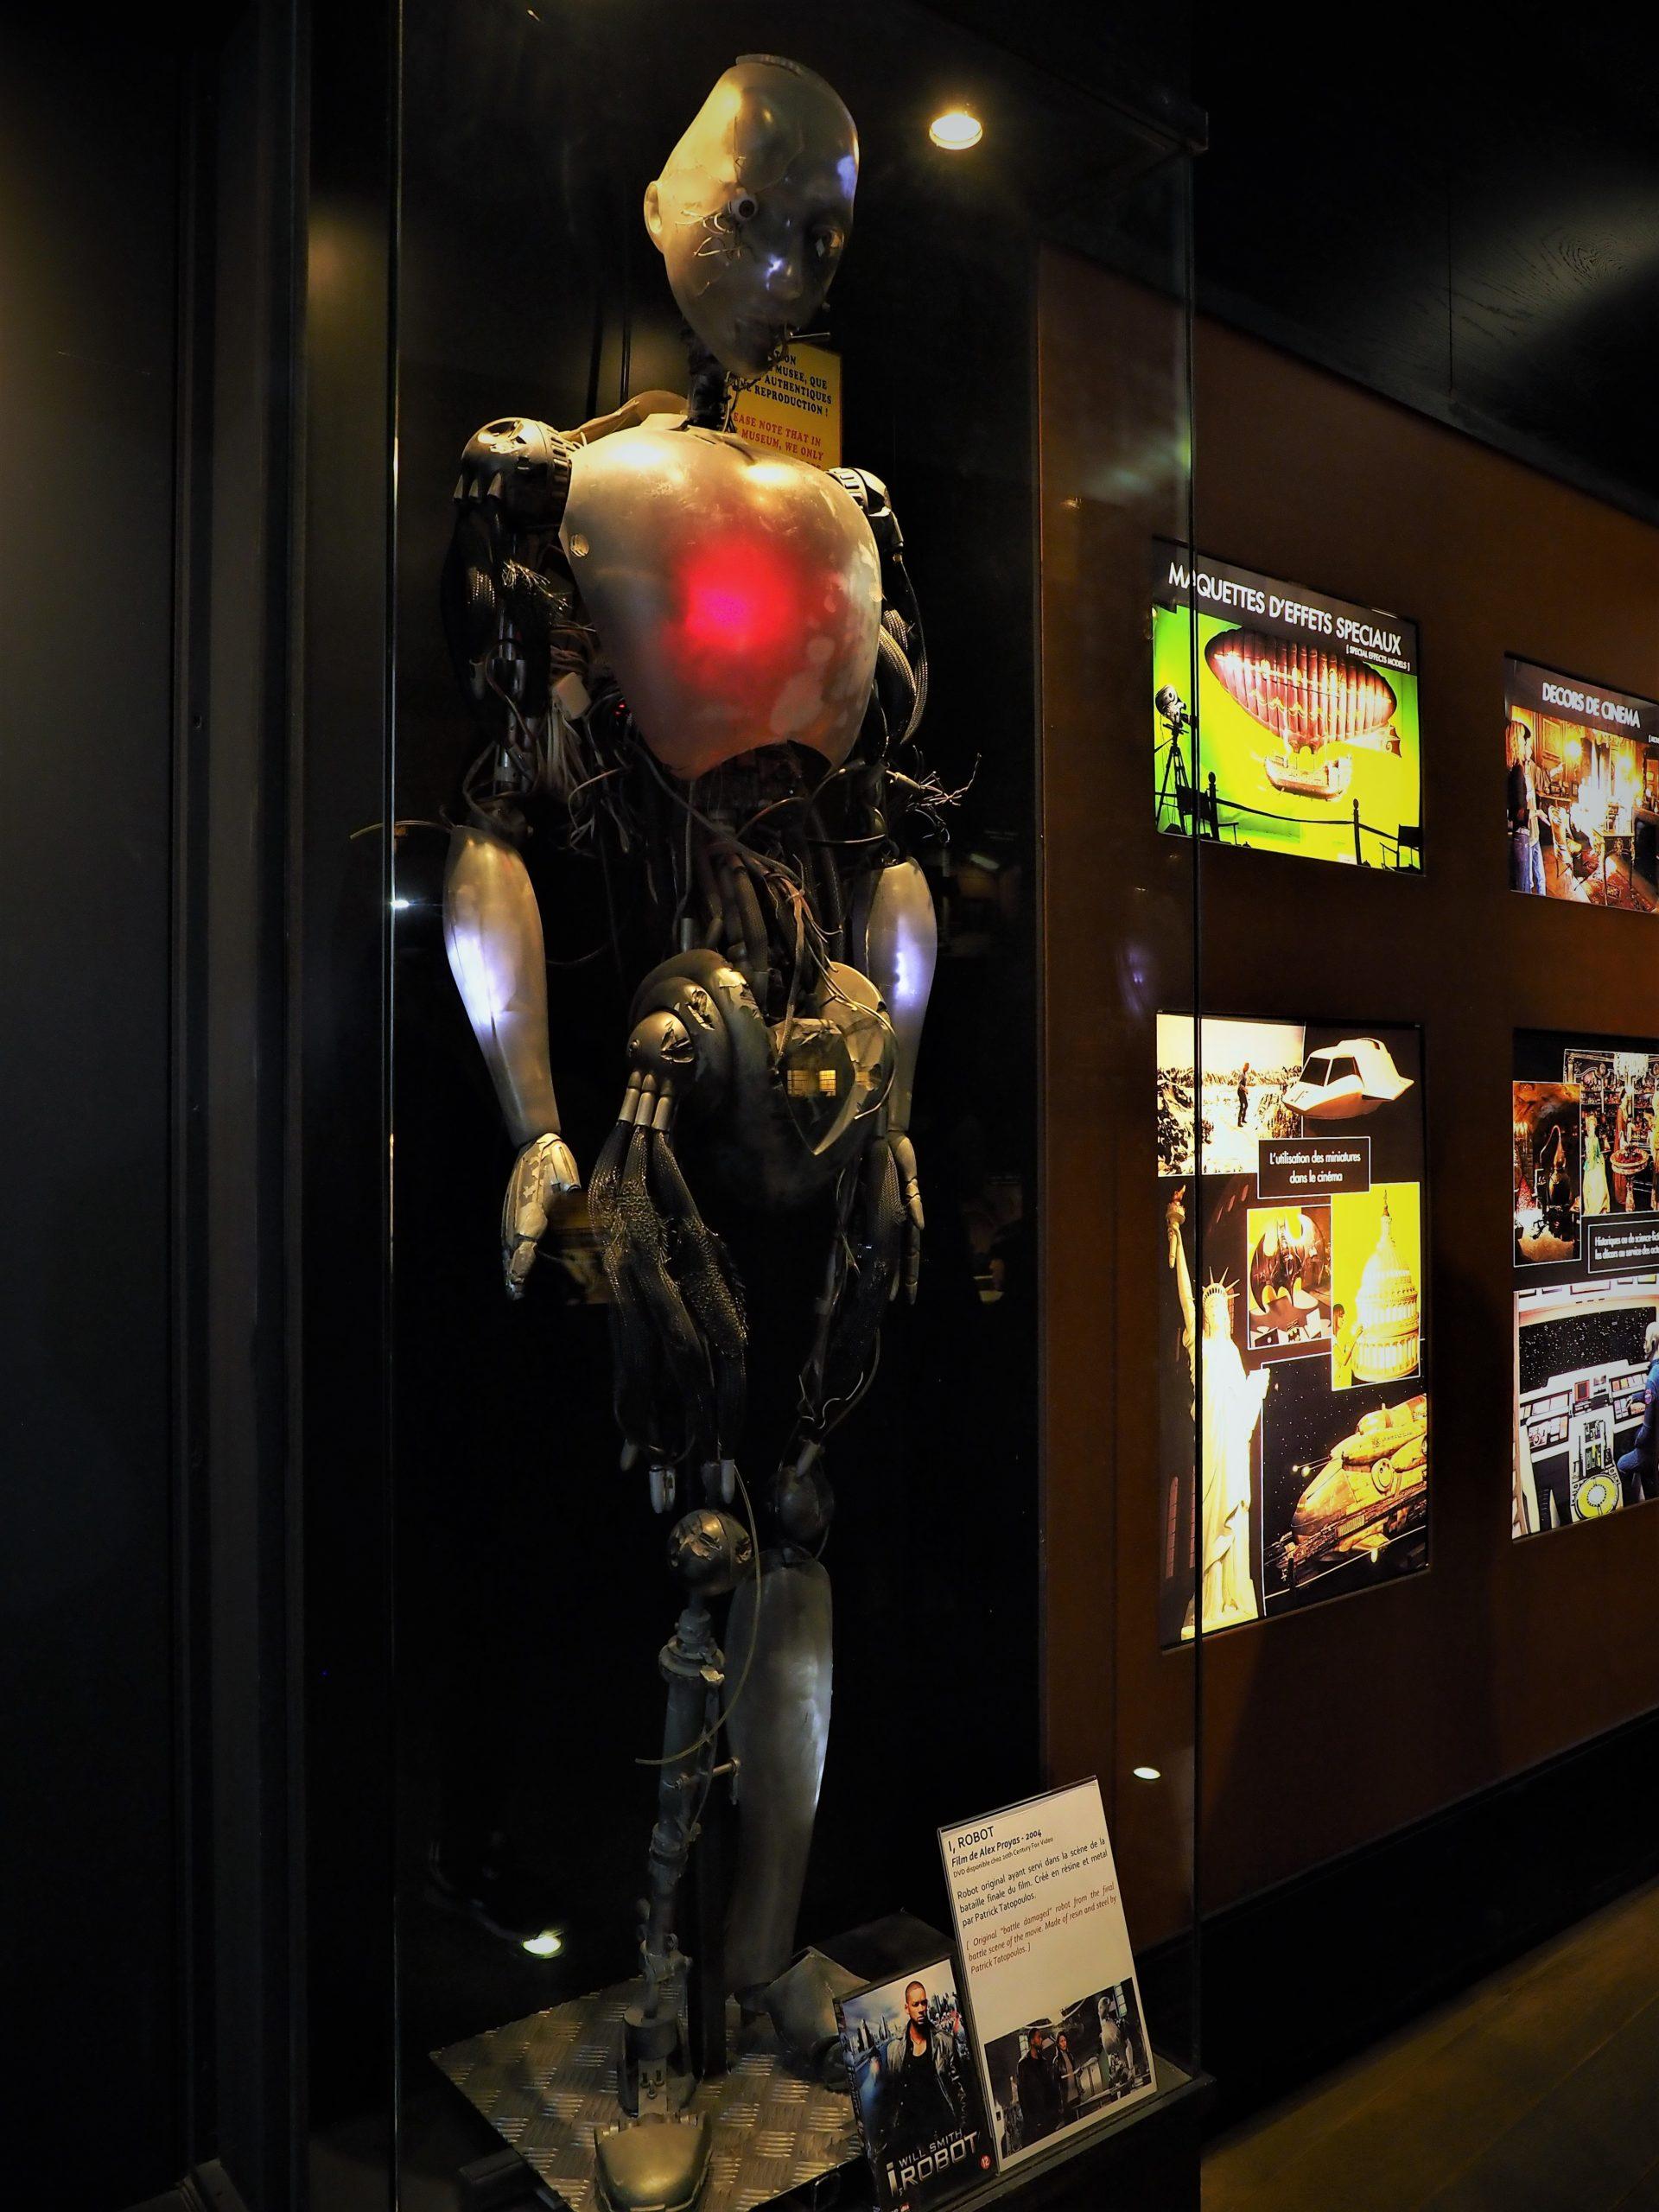 フランス リヨン ミニチュア・シネマ博物館